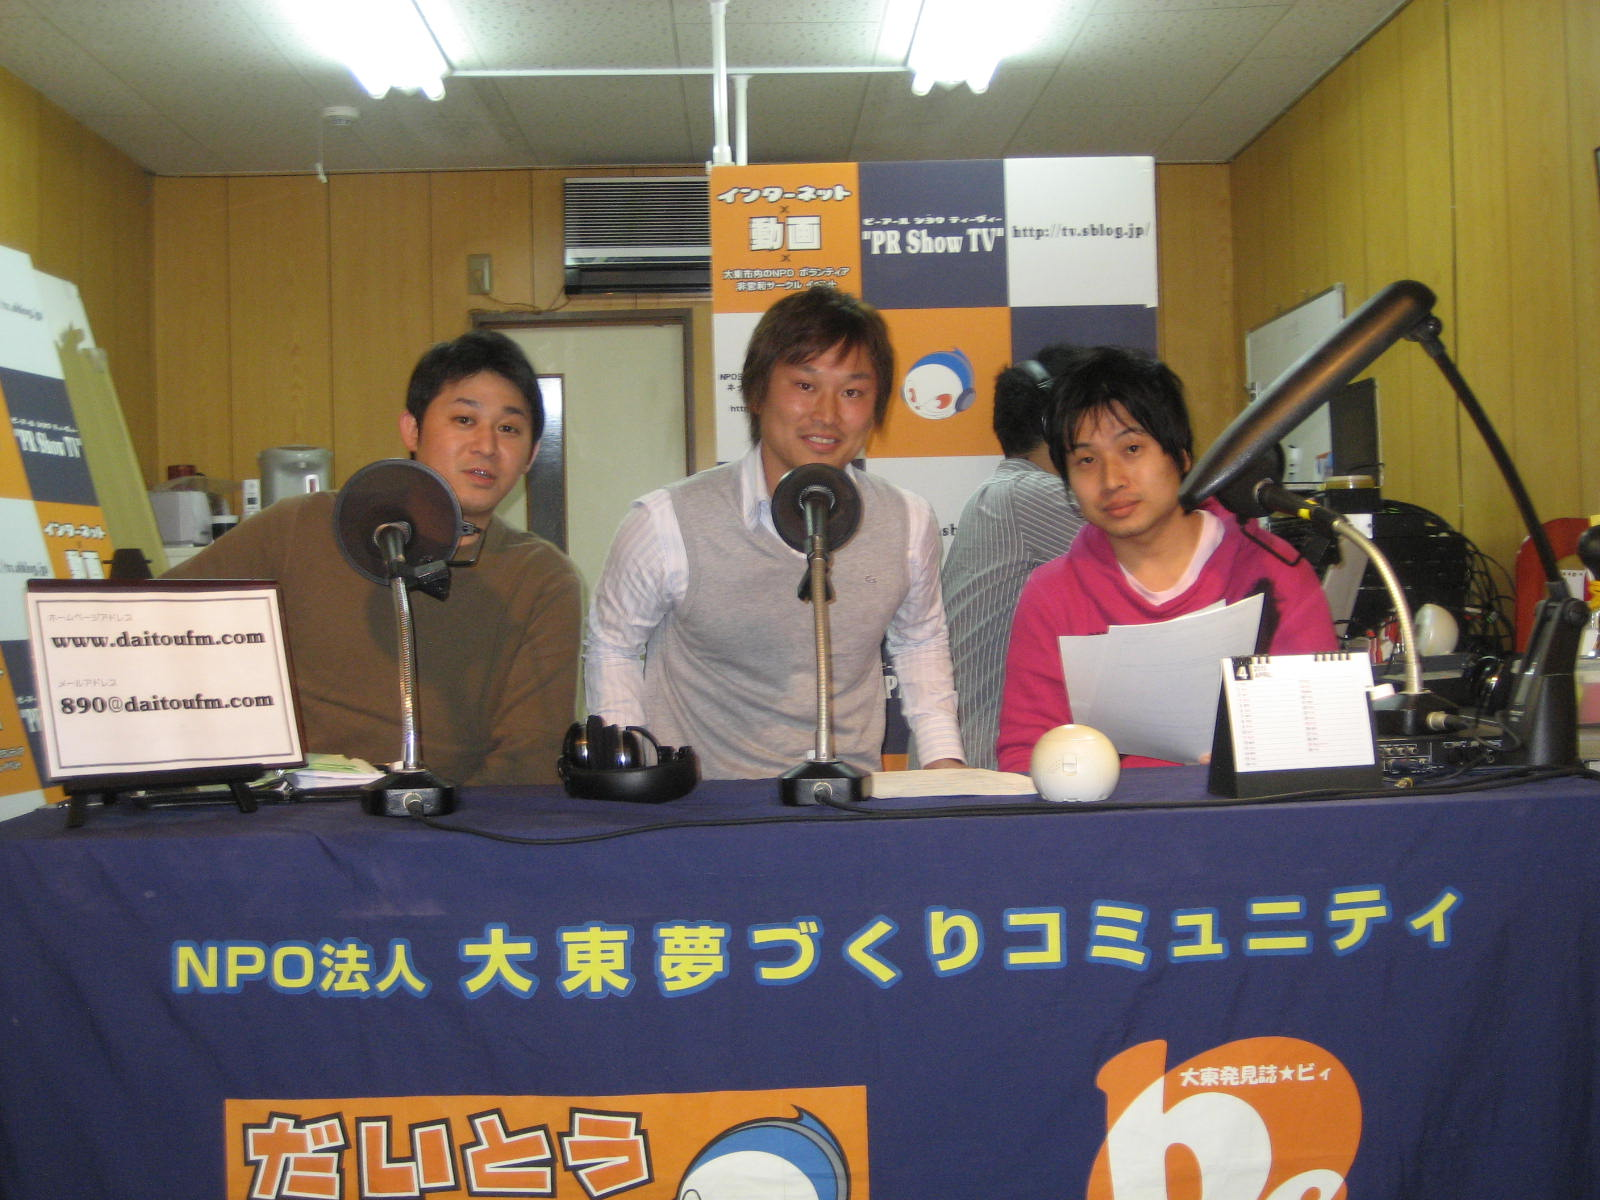 だいとうFM | 不妊|鍼灸|大阪|卵子の質|鍼灸治療は三ツ川レディース鍼灸院